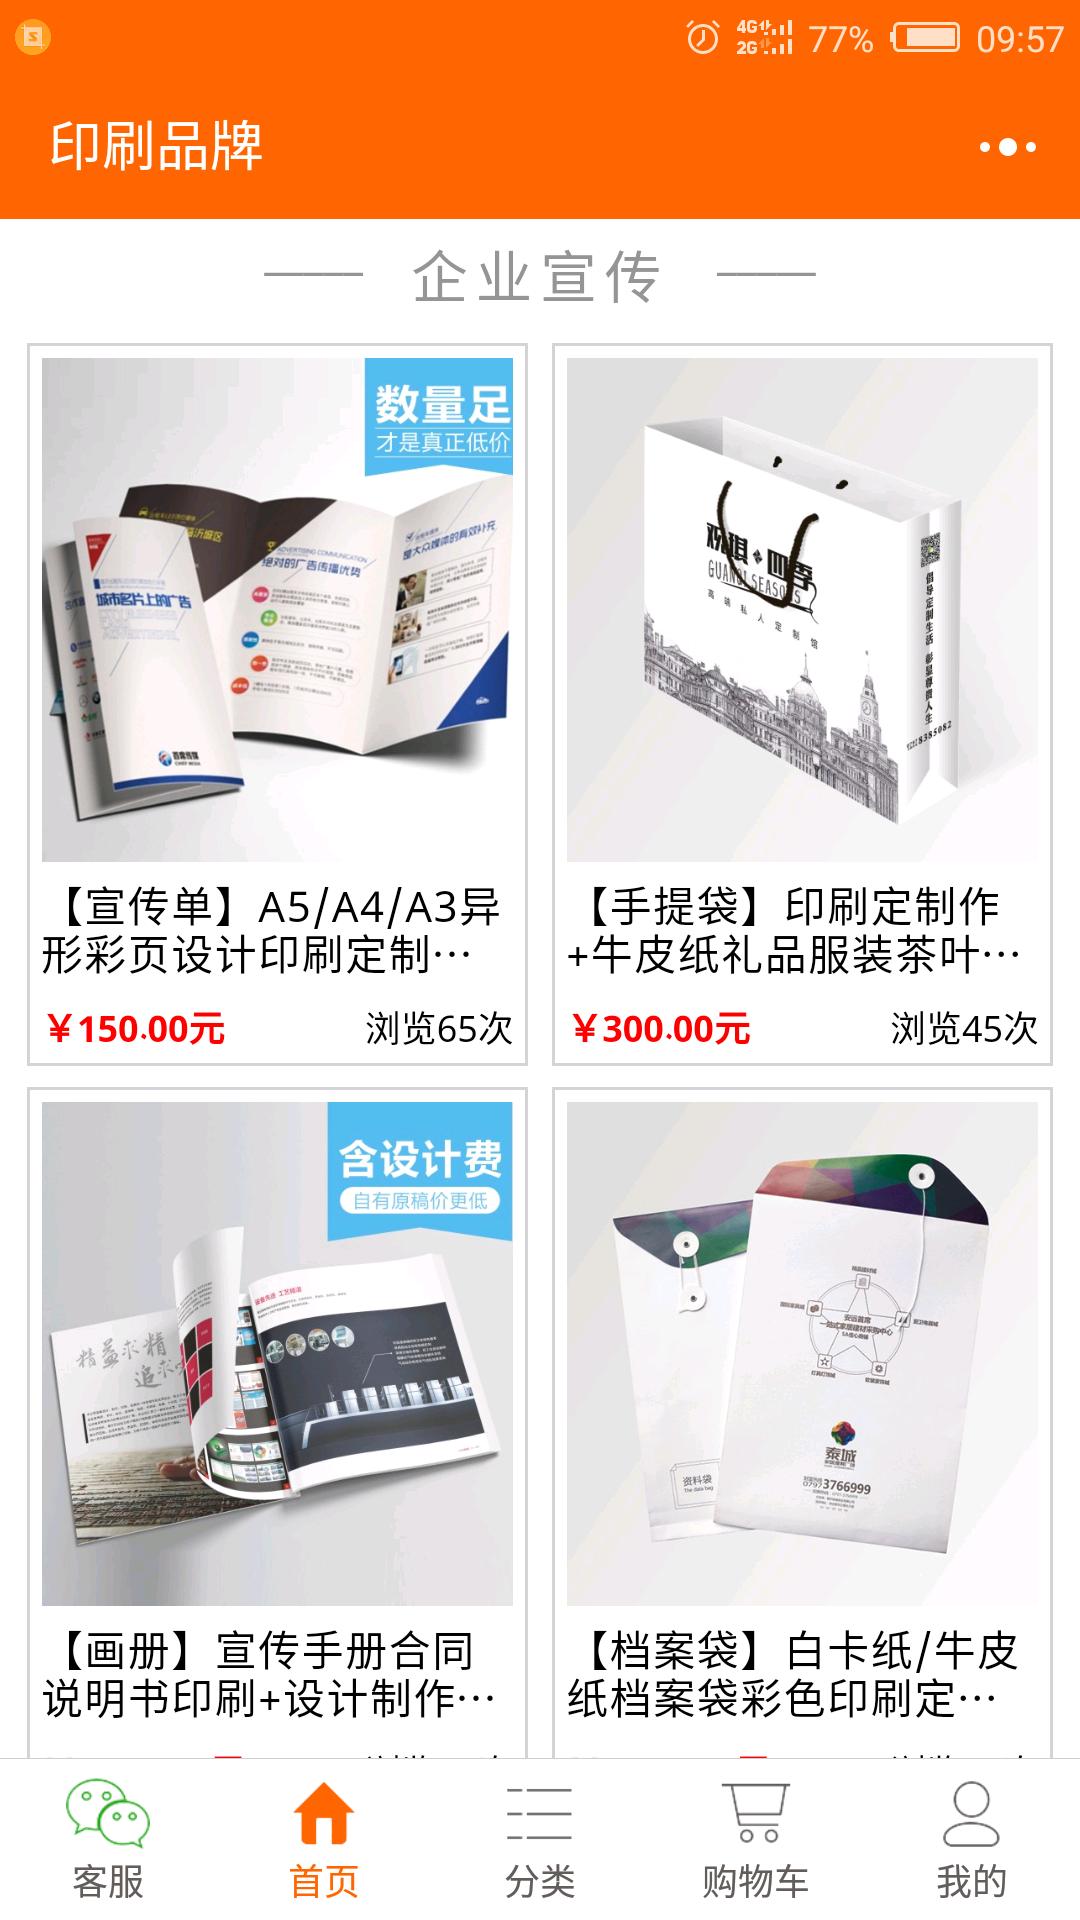 印刷品牌小程序